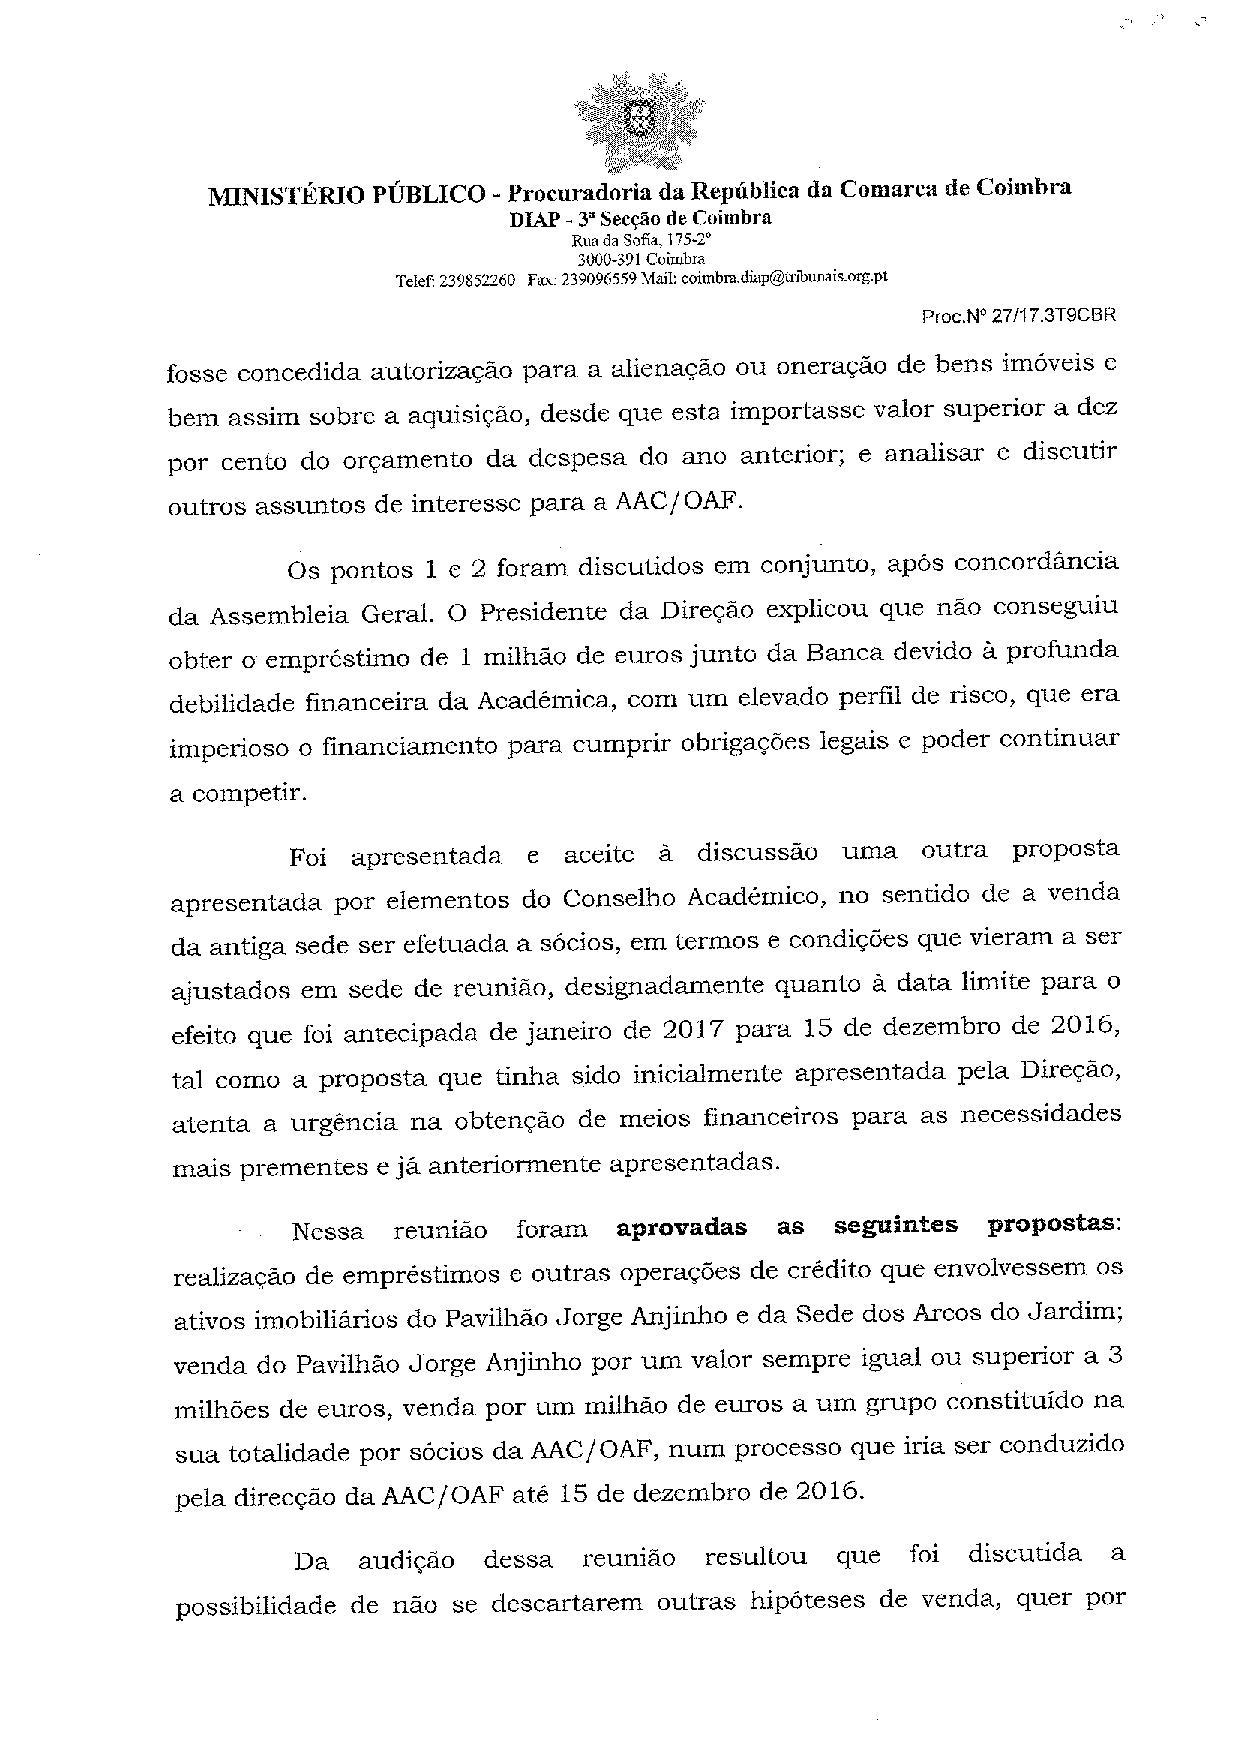 ACA-page-009